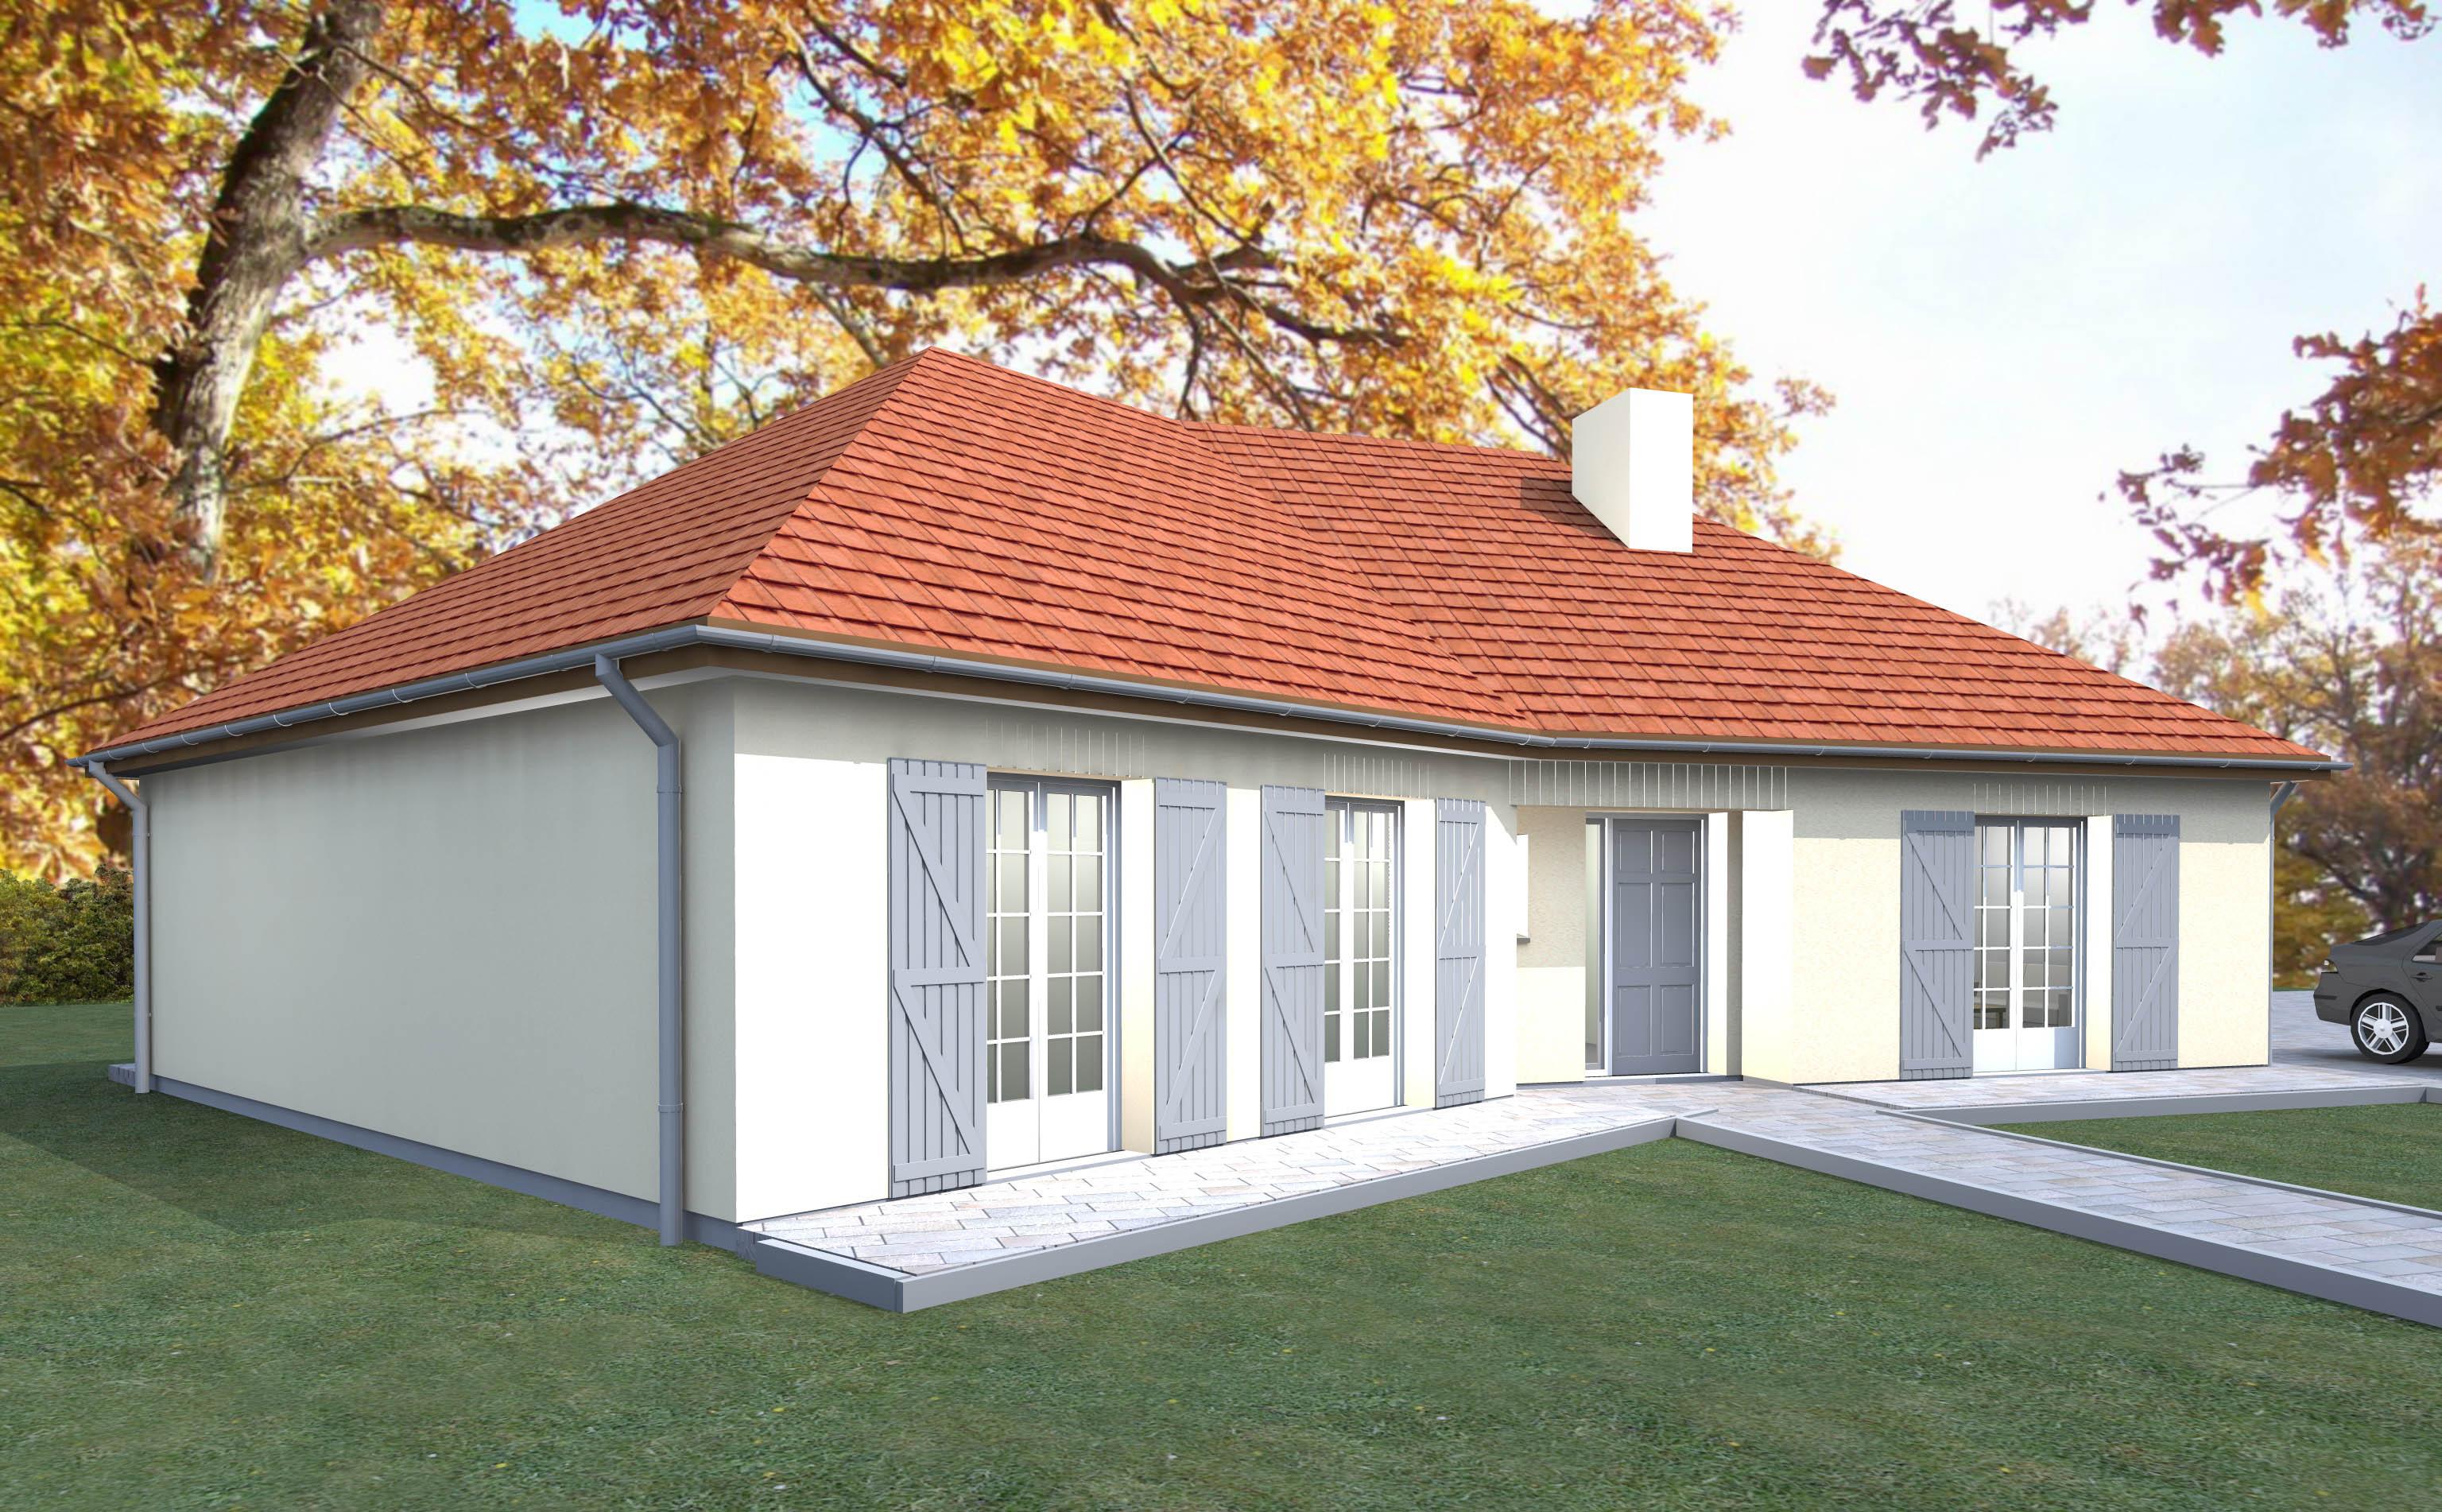 Model maison violet gascity for for Construction petite maison